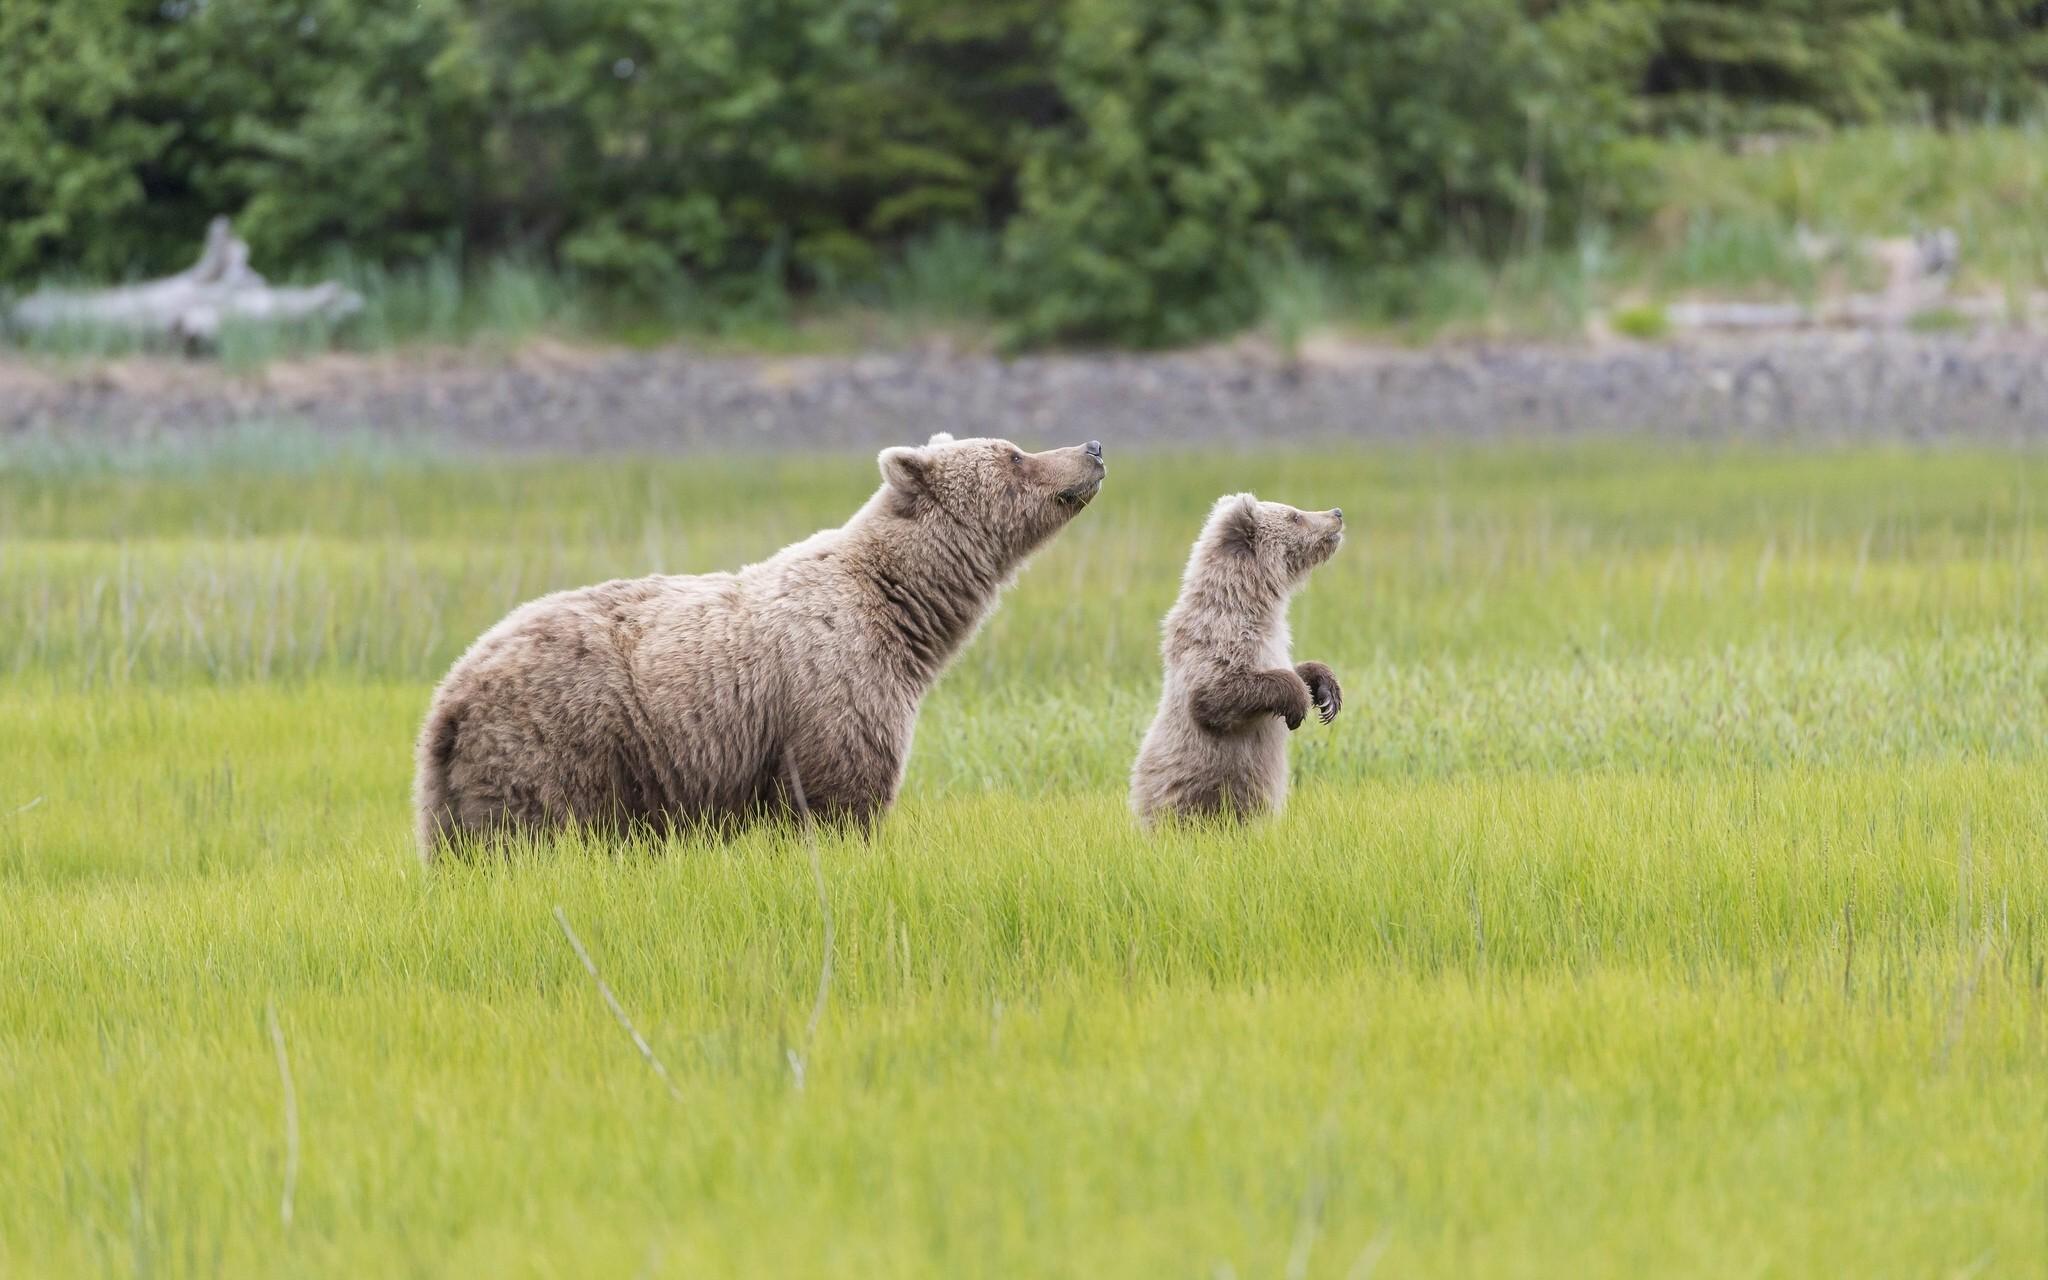 медведи в поле большой и маленький